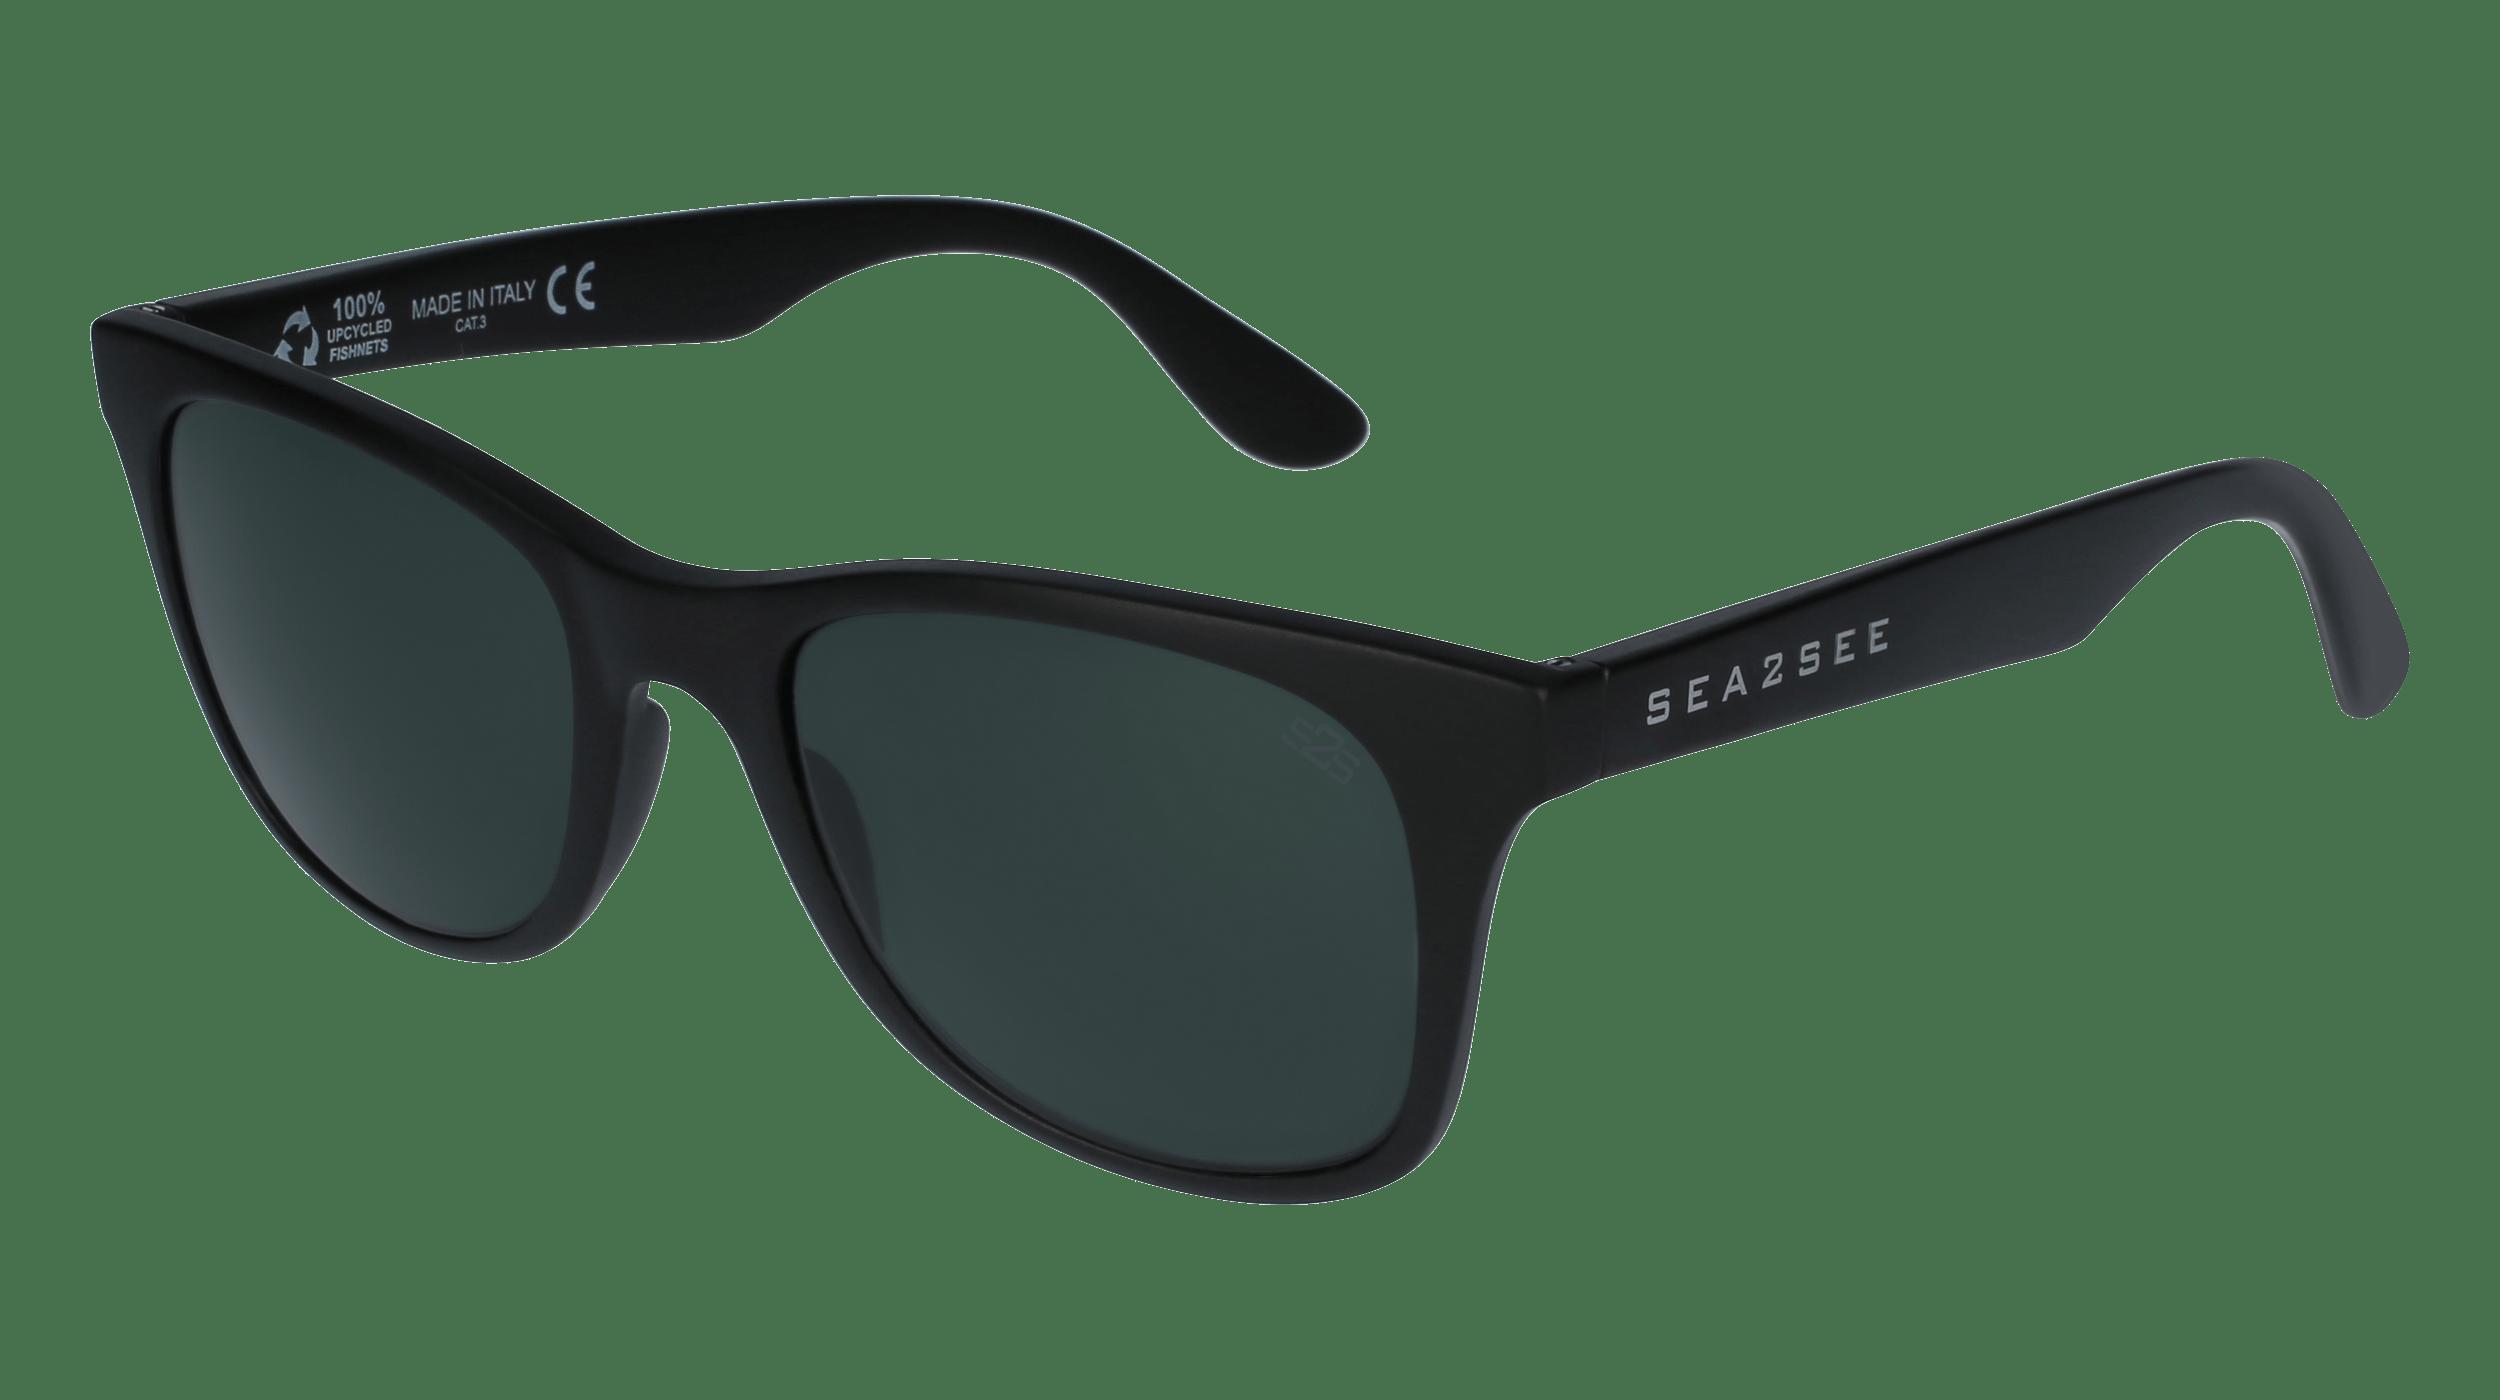 Sea2see-SURF02